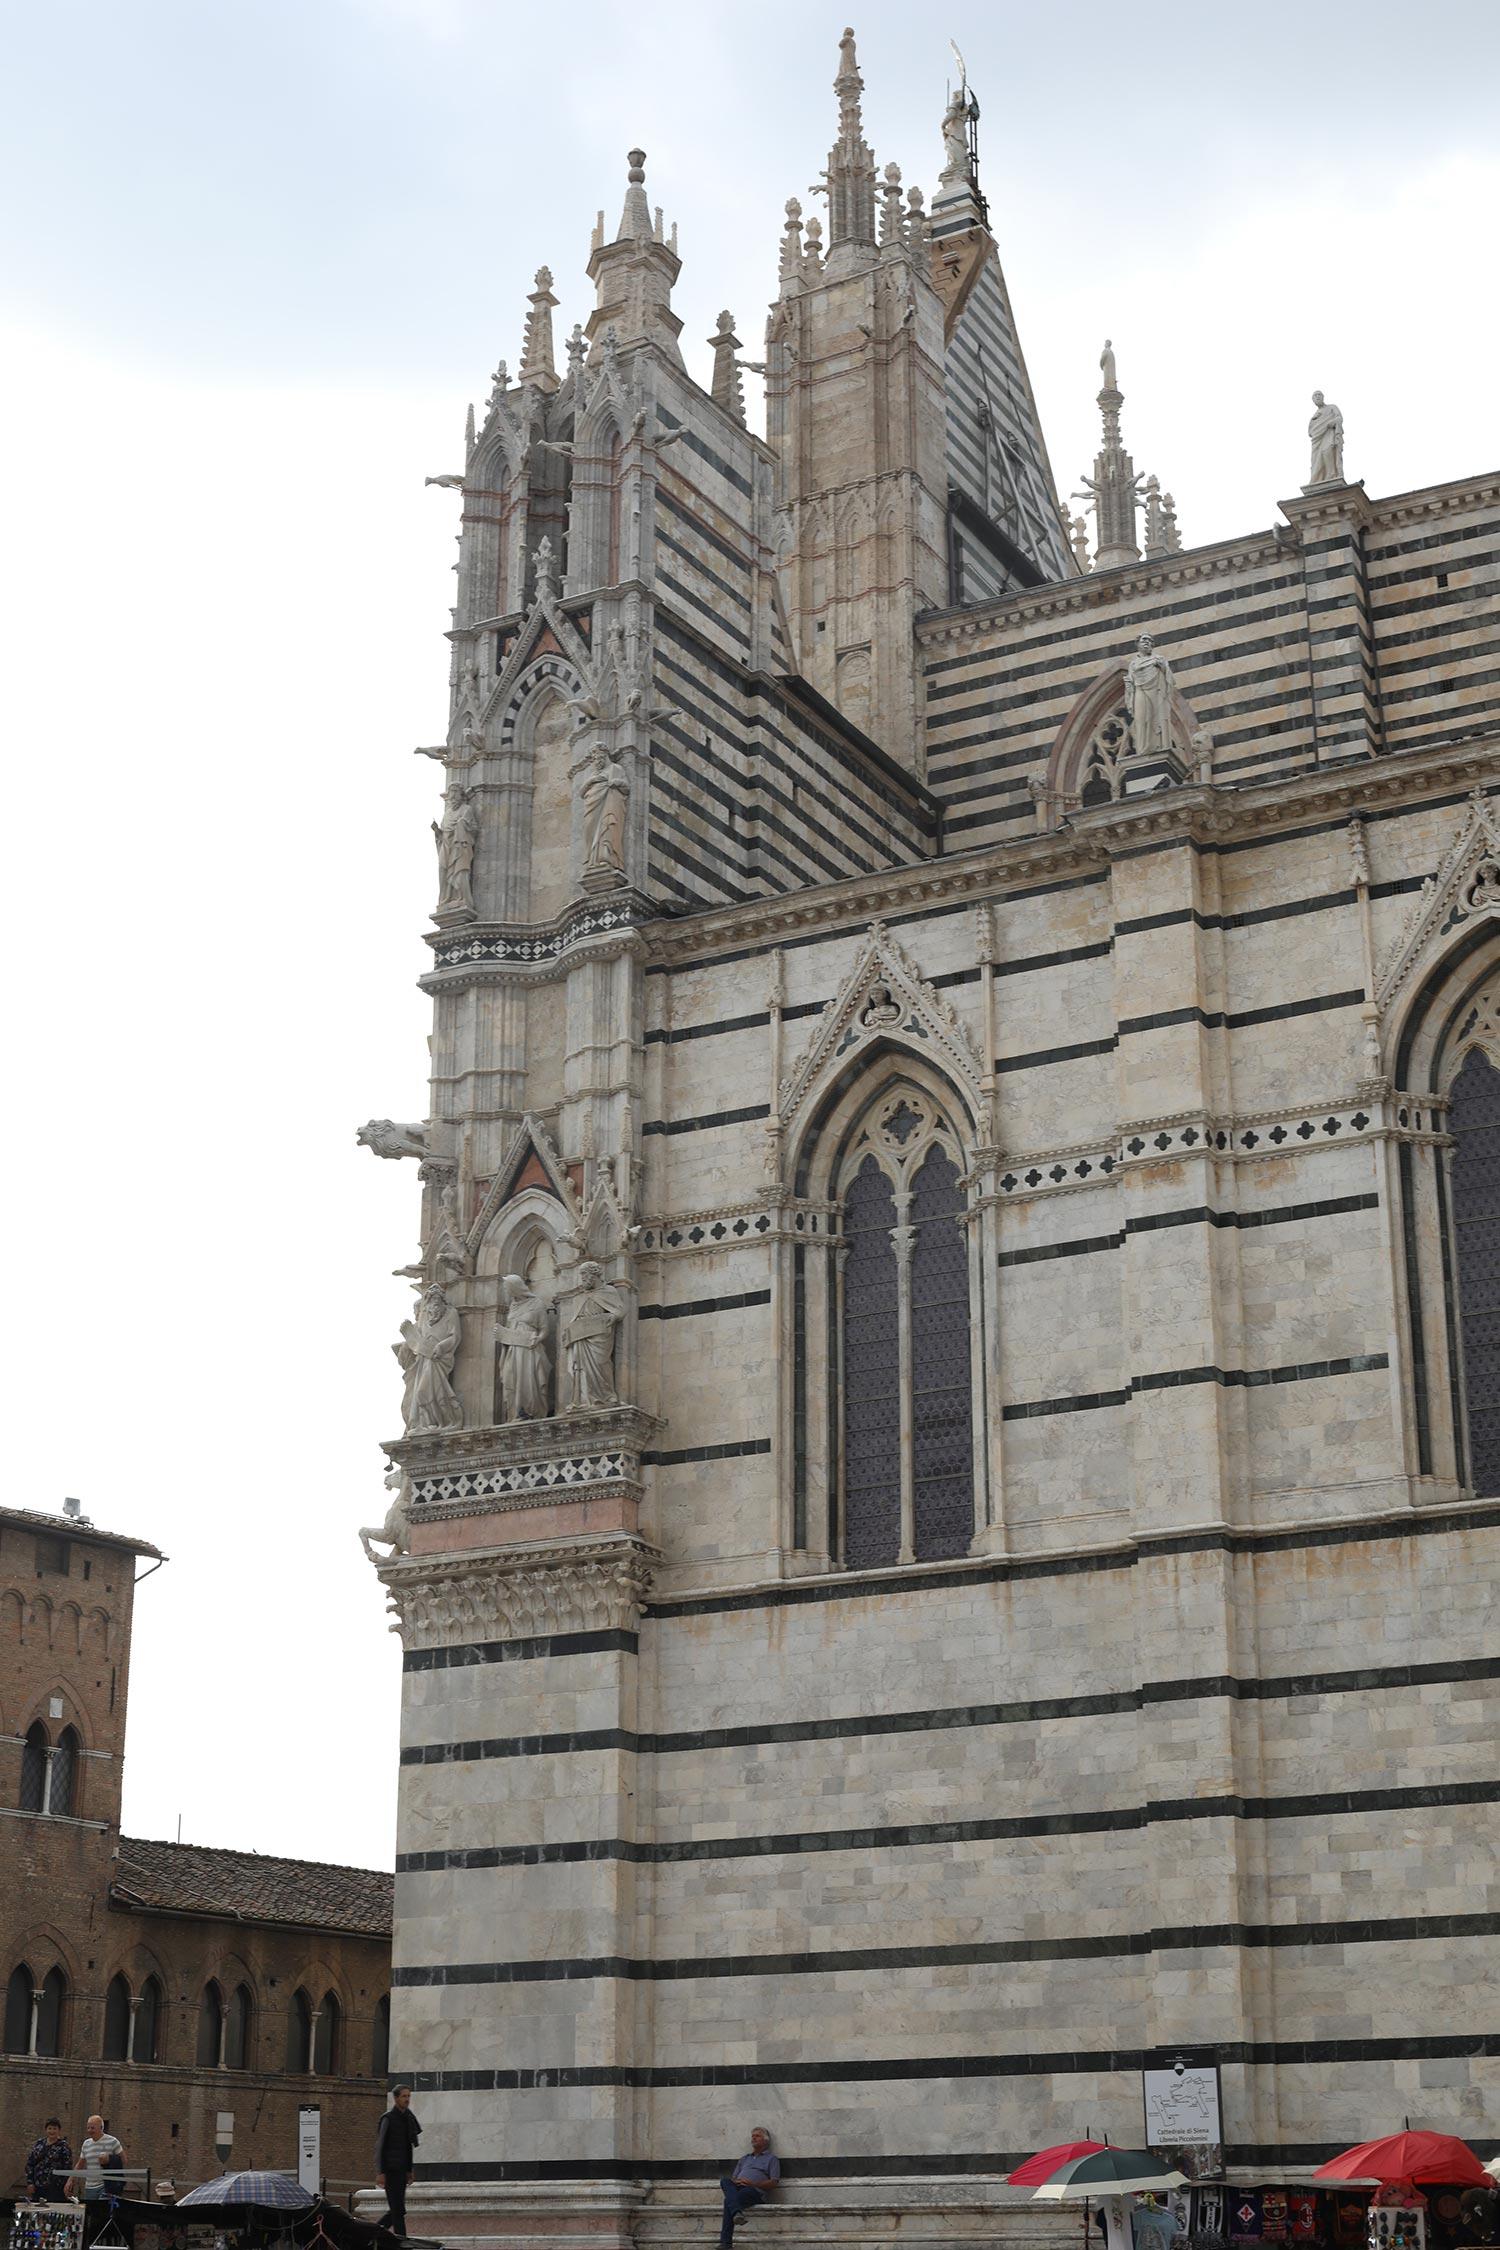 Pilgrimage_Rome_4115_Siena.jpg